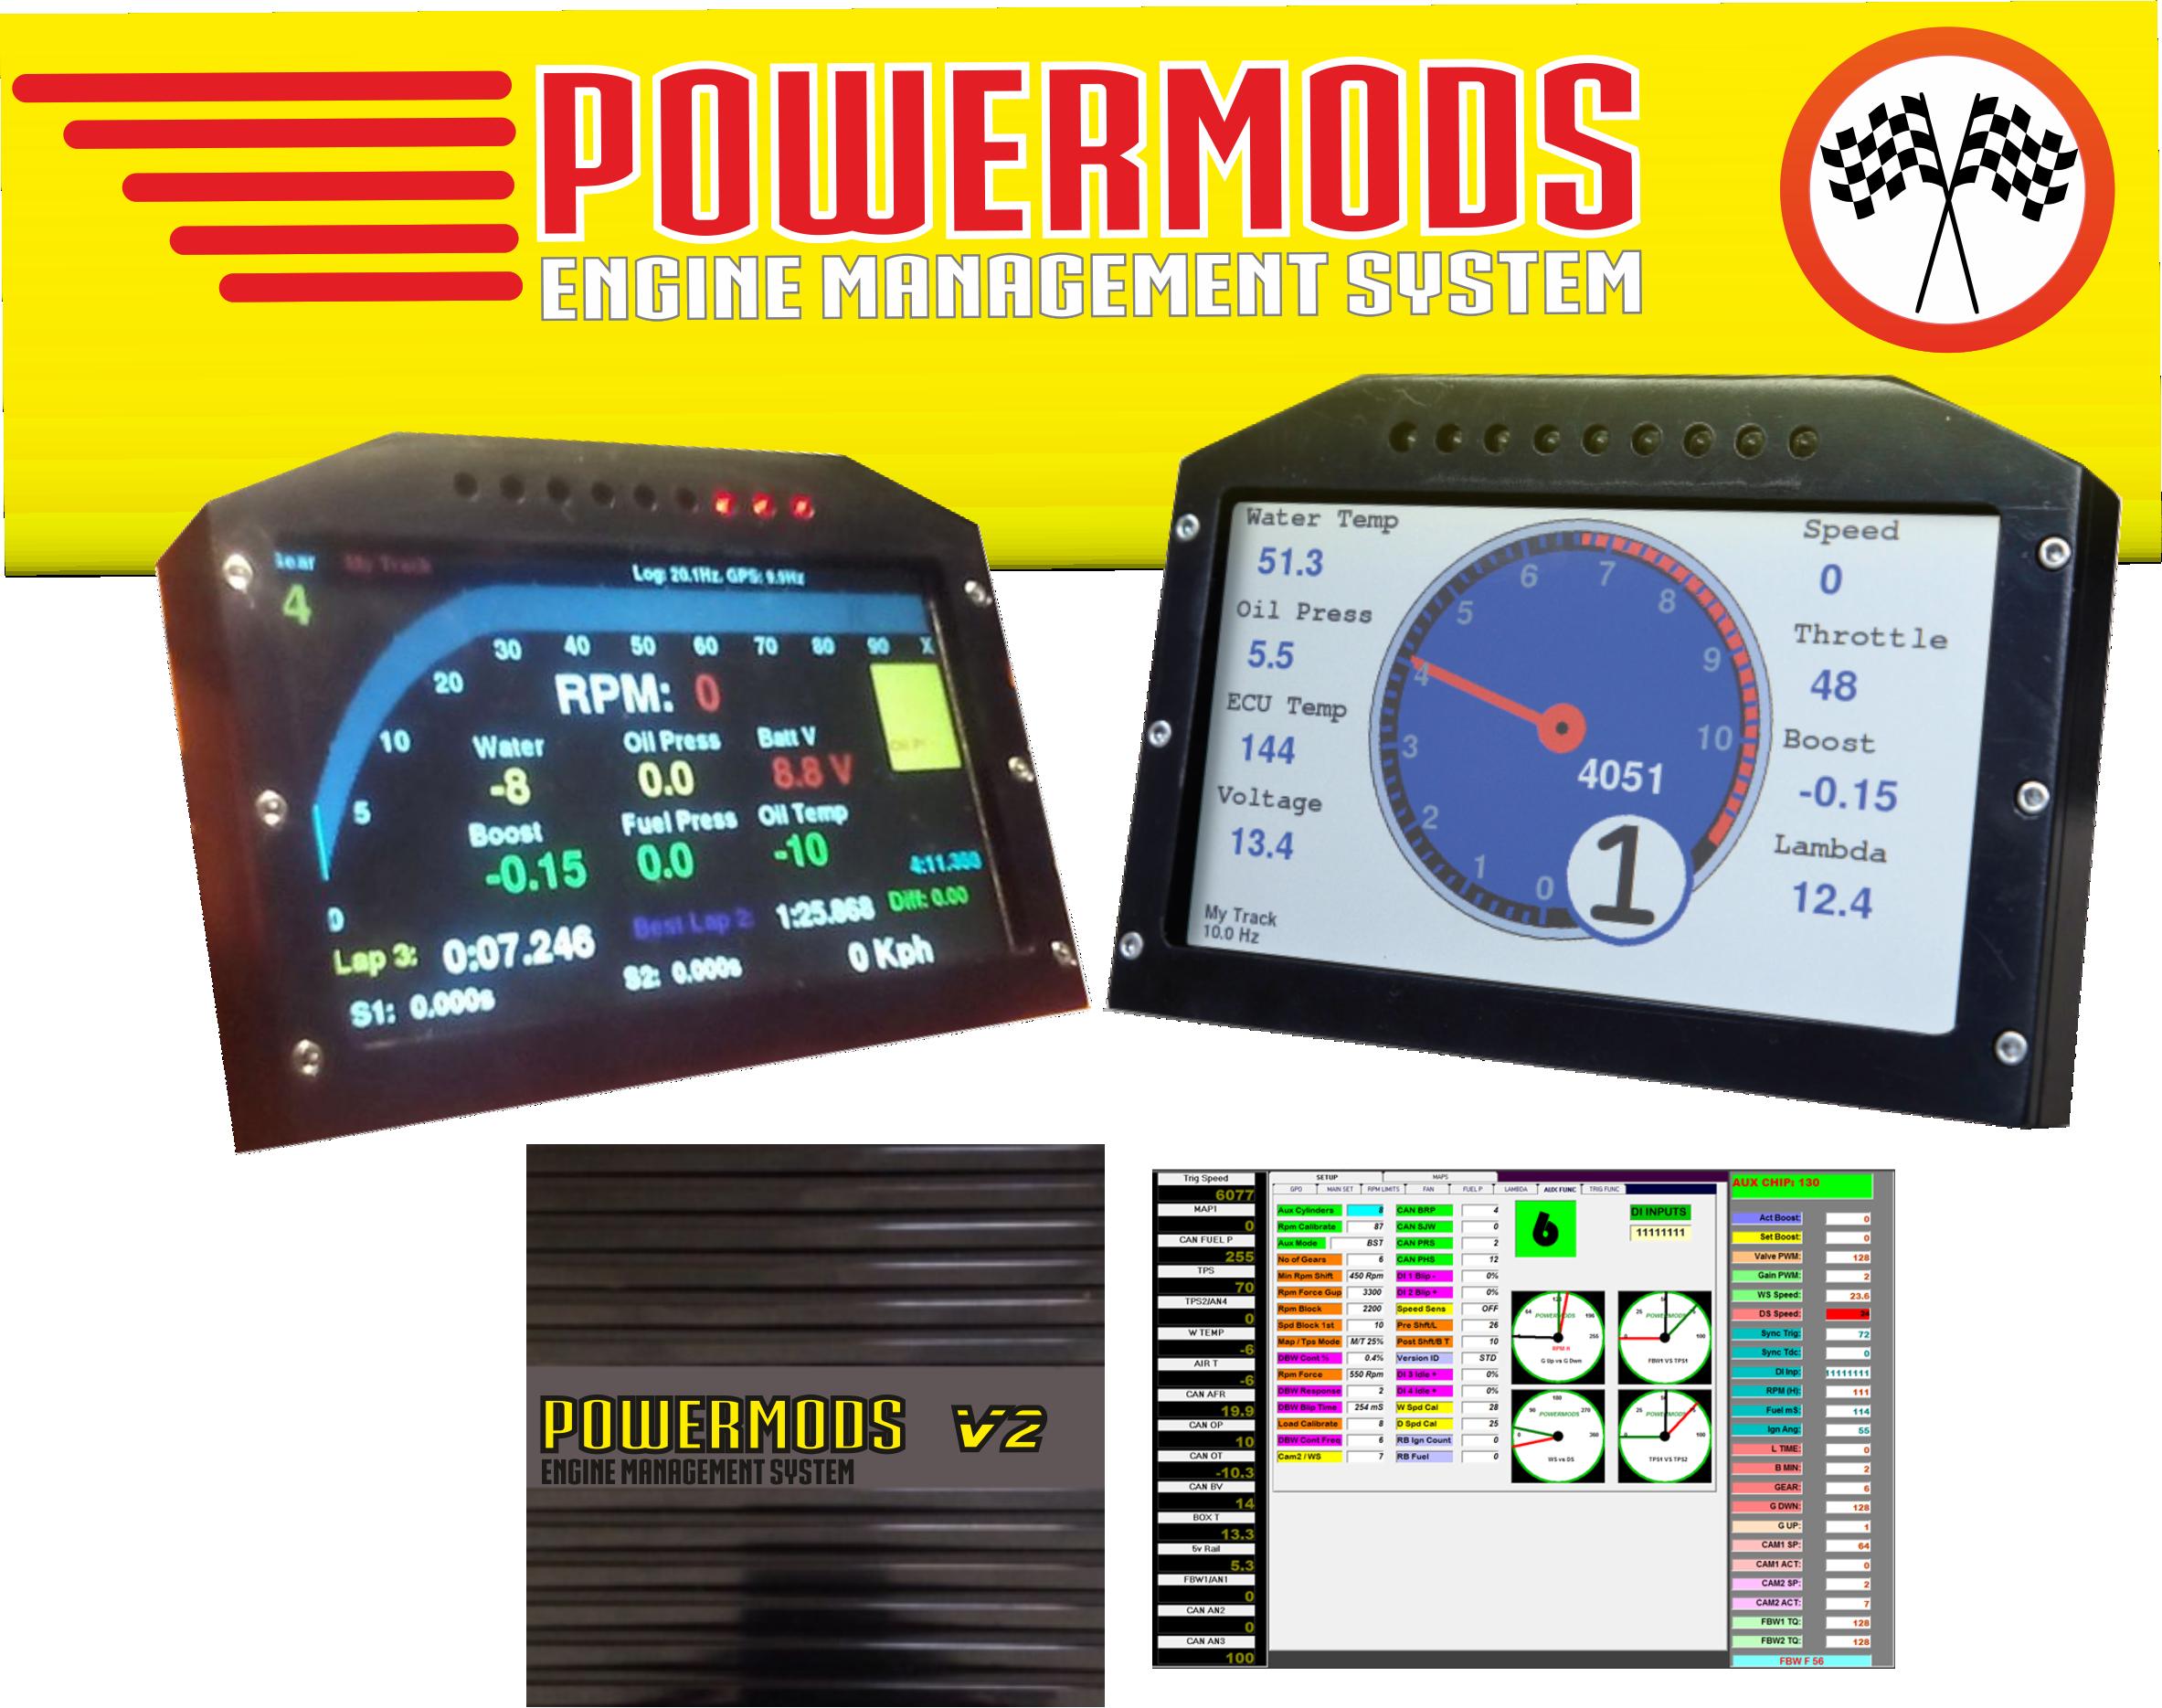 Powermods